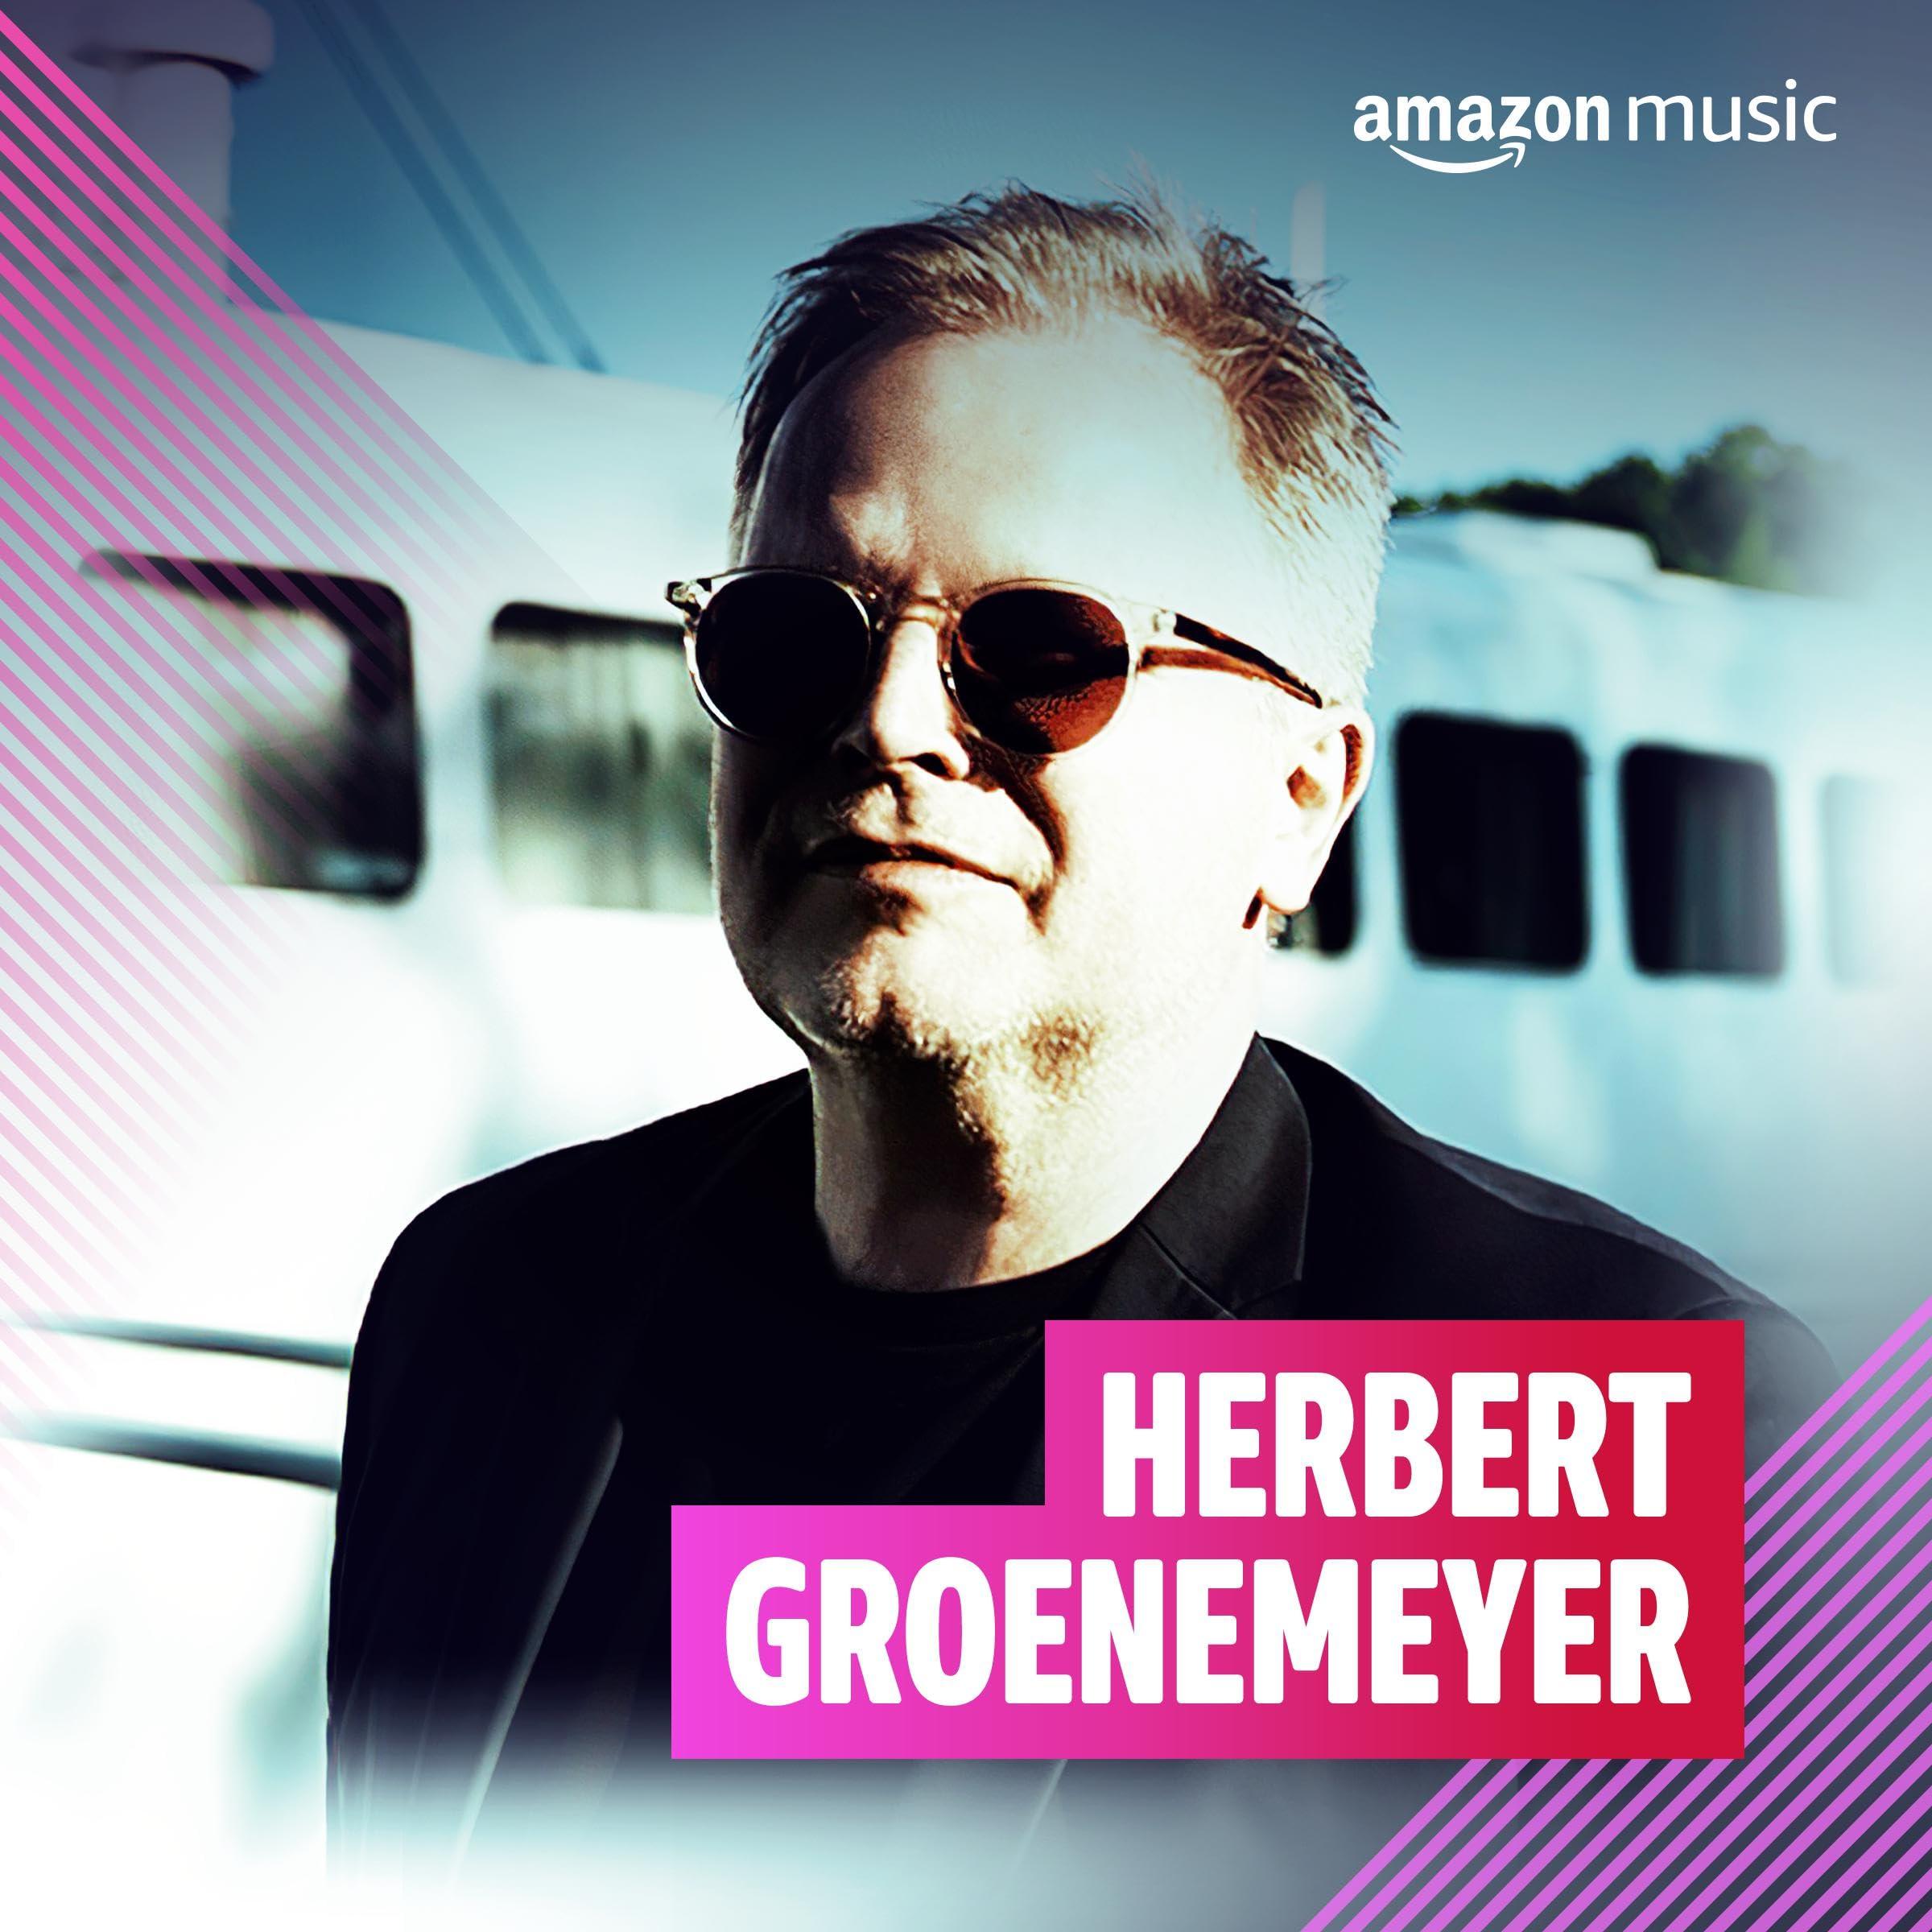 Herbert Groenemeyer